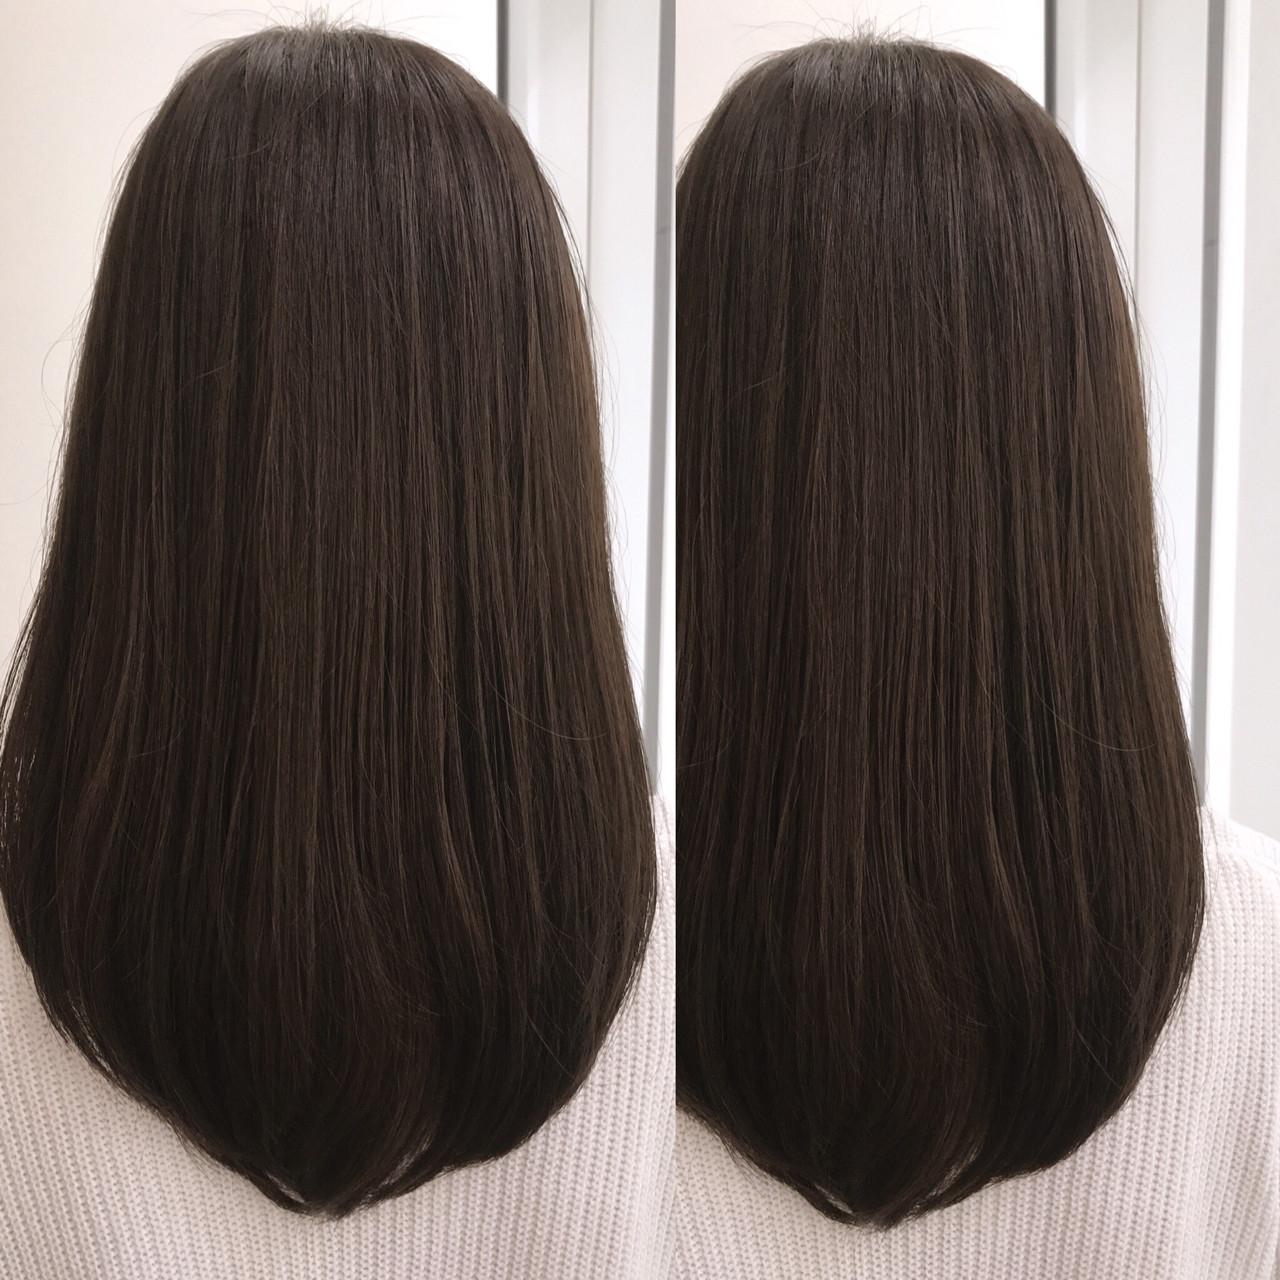 ラベンダー ロング アッシュグレージュ ナチュラル ヘアスタイルや髪型の写真・画像